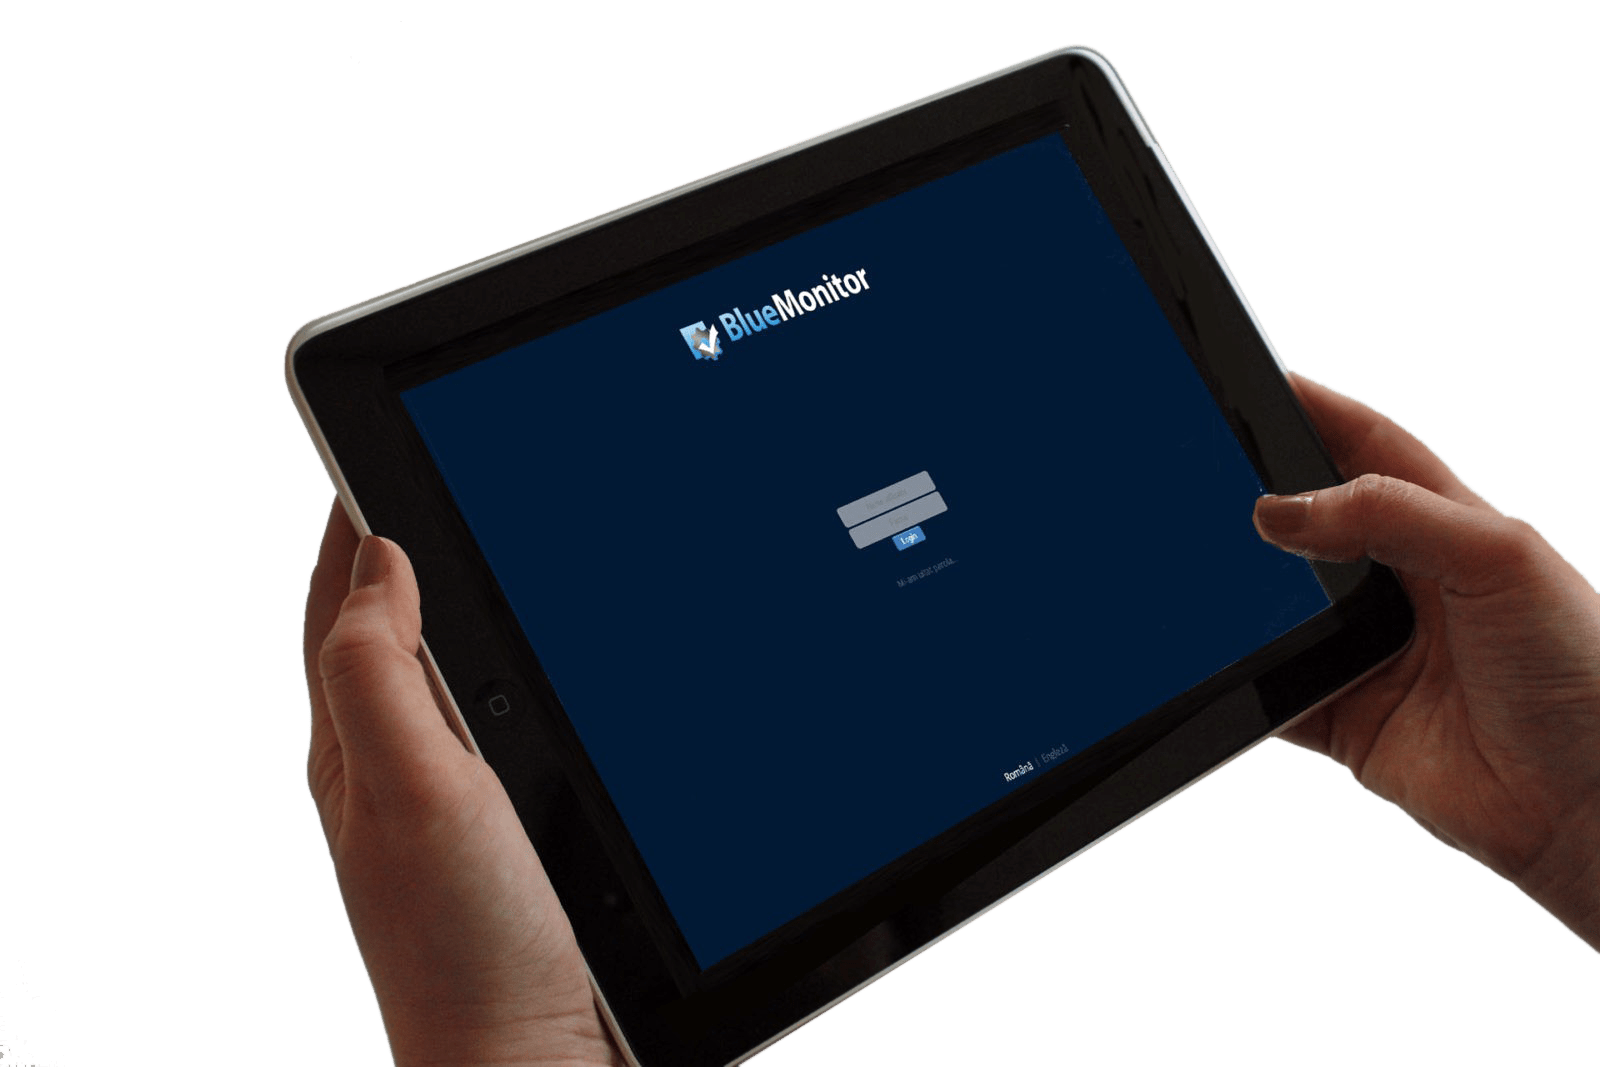 Sistem BlueMonitor de tele-medicina pentru pesti